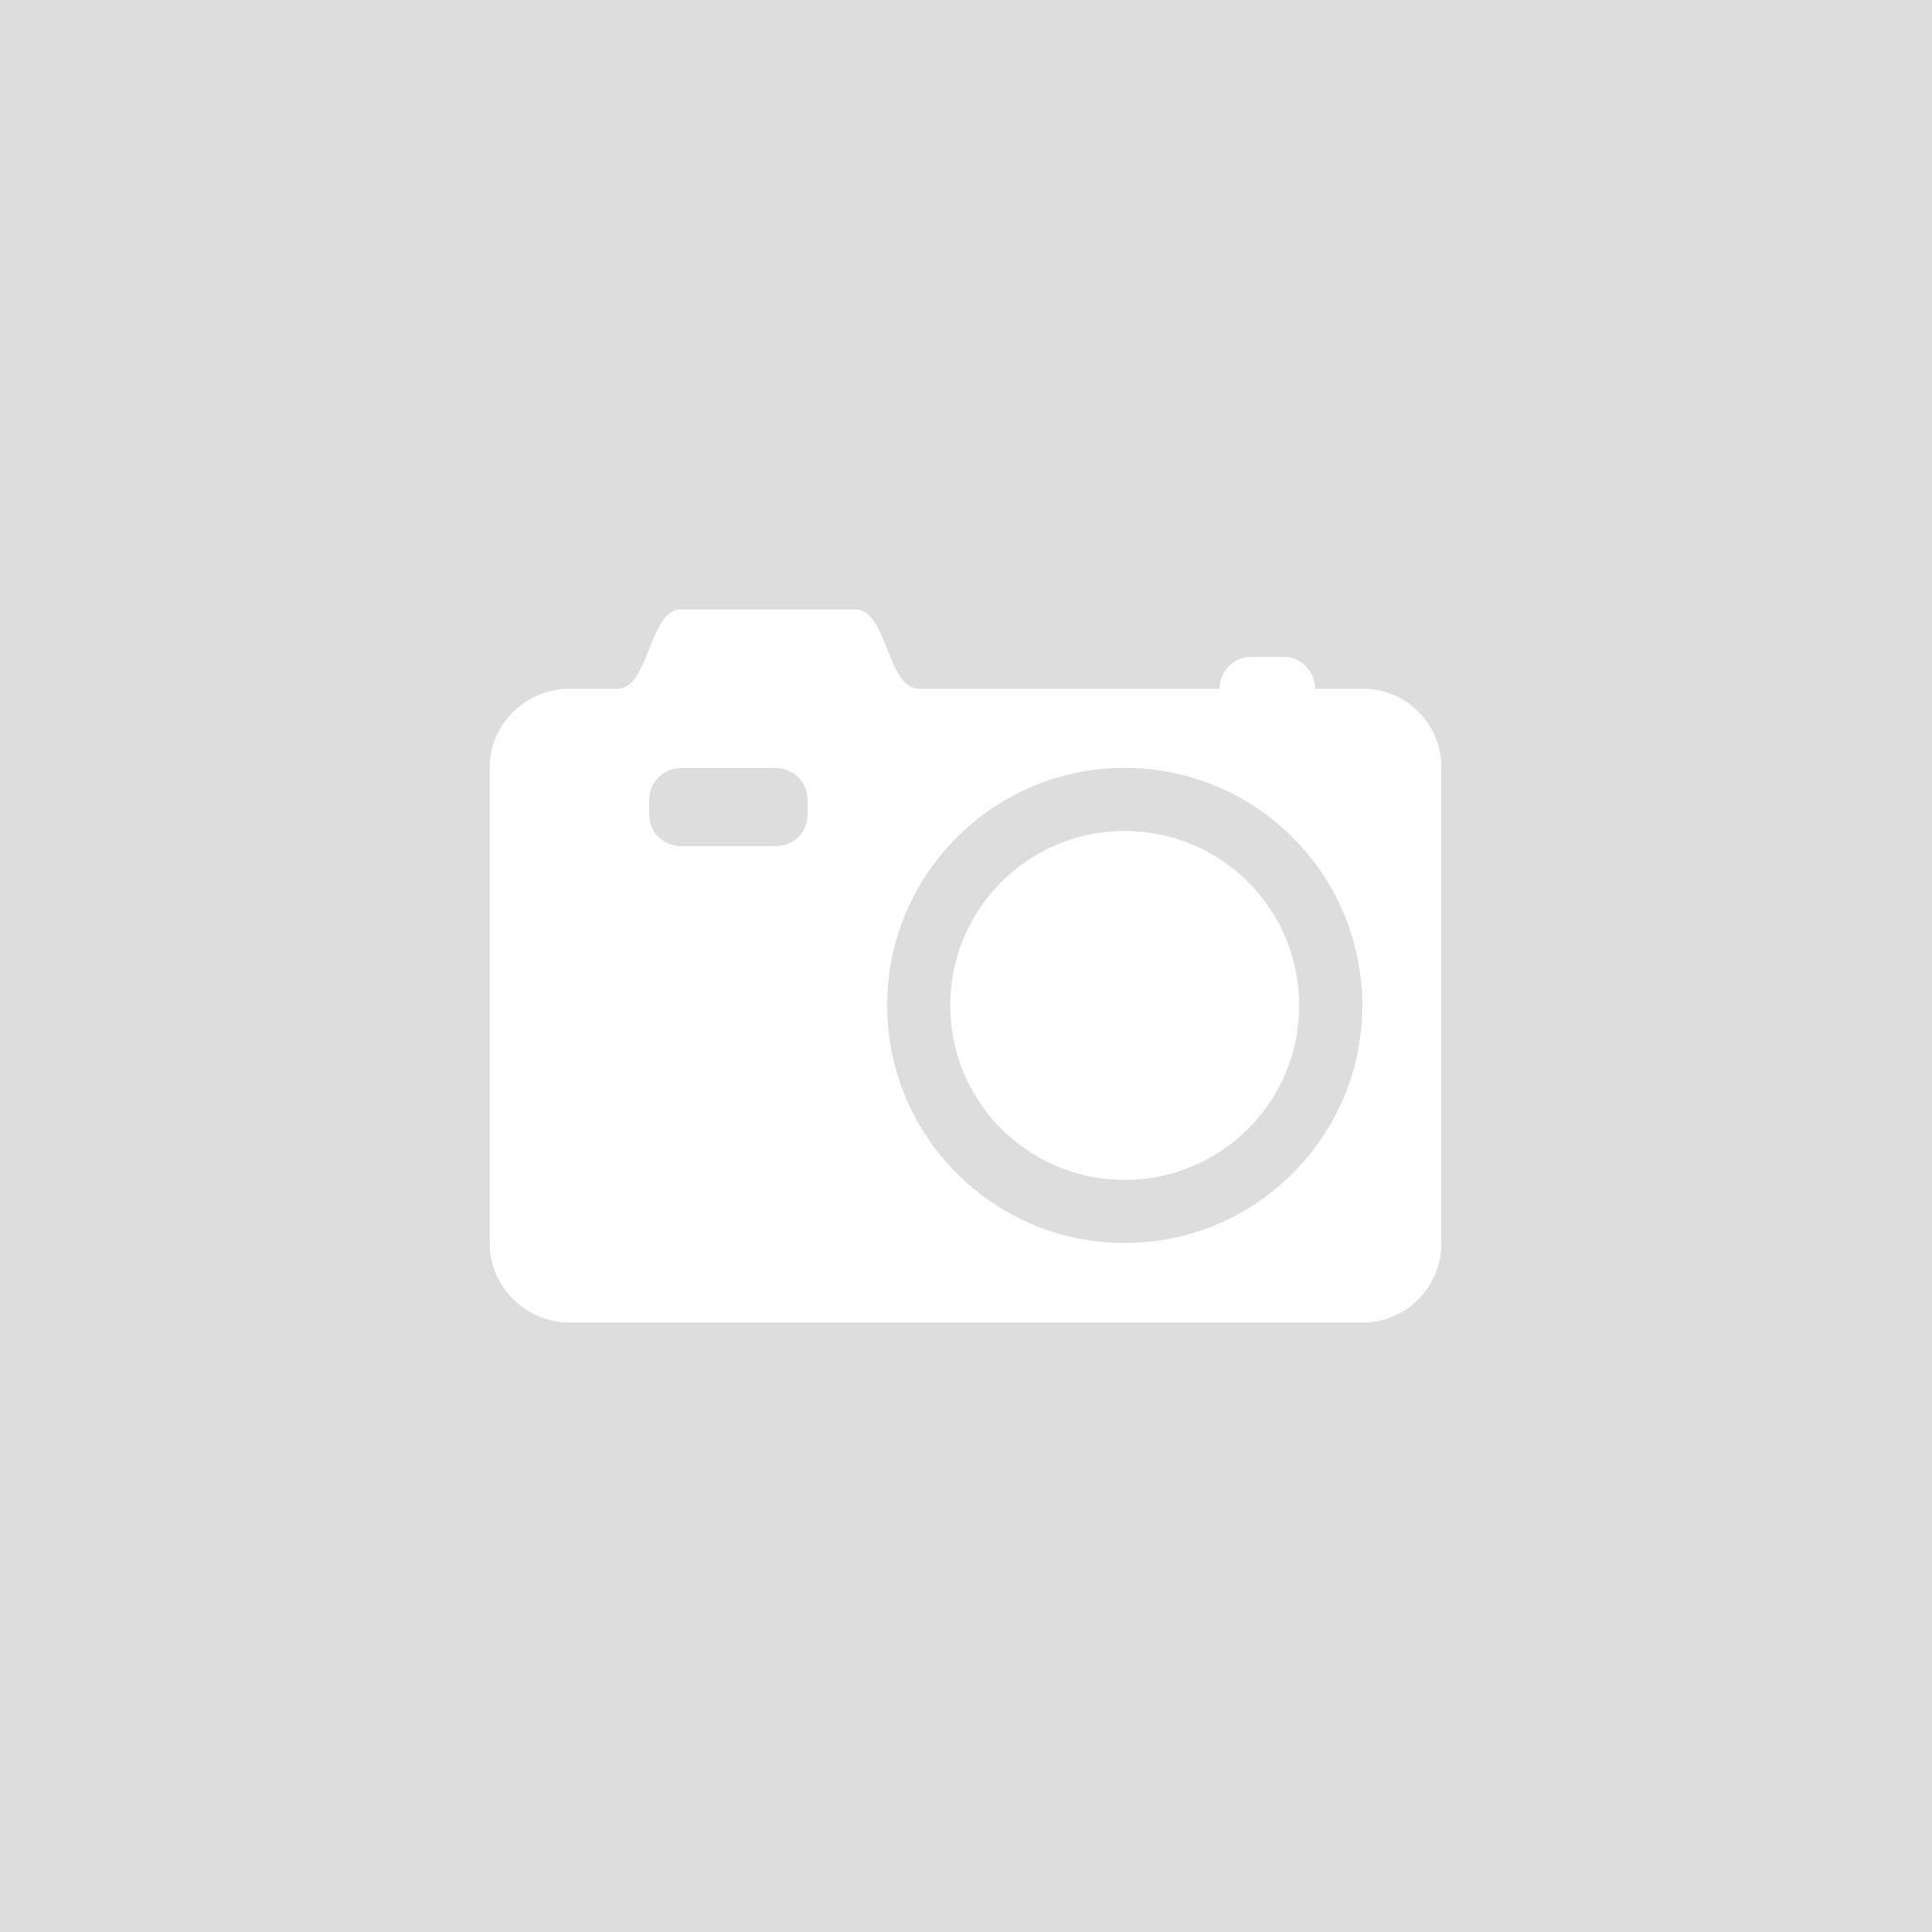 Aurora Damask Emblem Deep Red / Soft Cream By GranDeco AO-16406